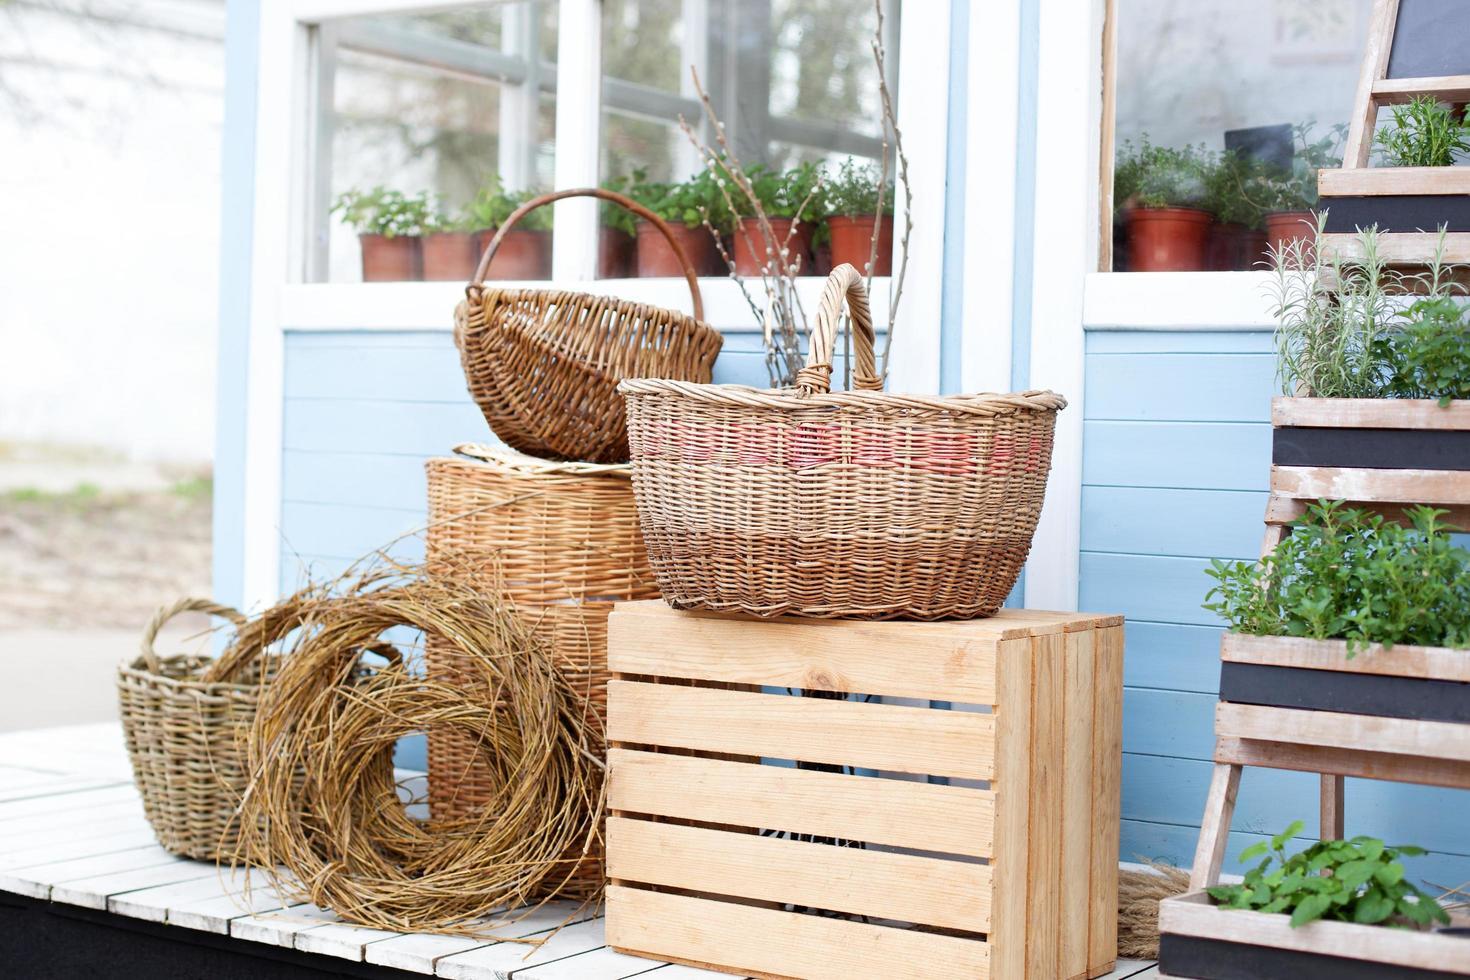 rieten manden zitten op de veranda een blauw landhuis foto